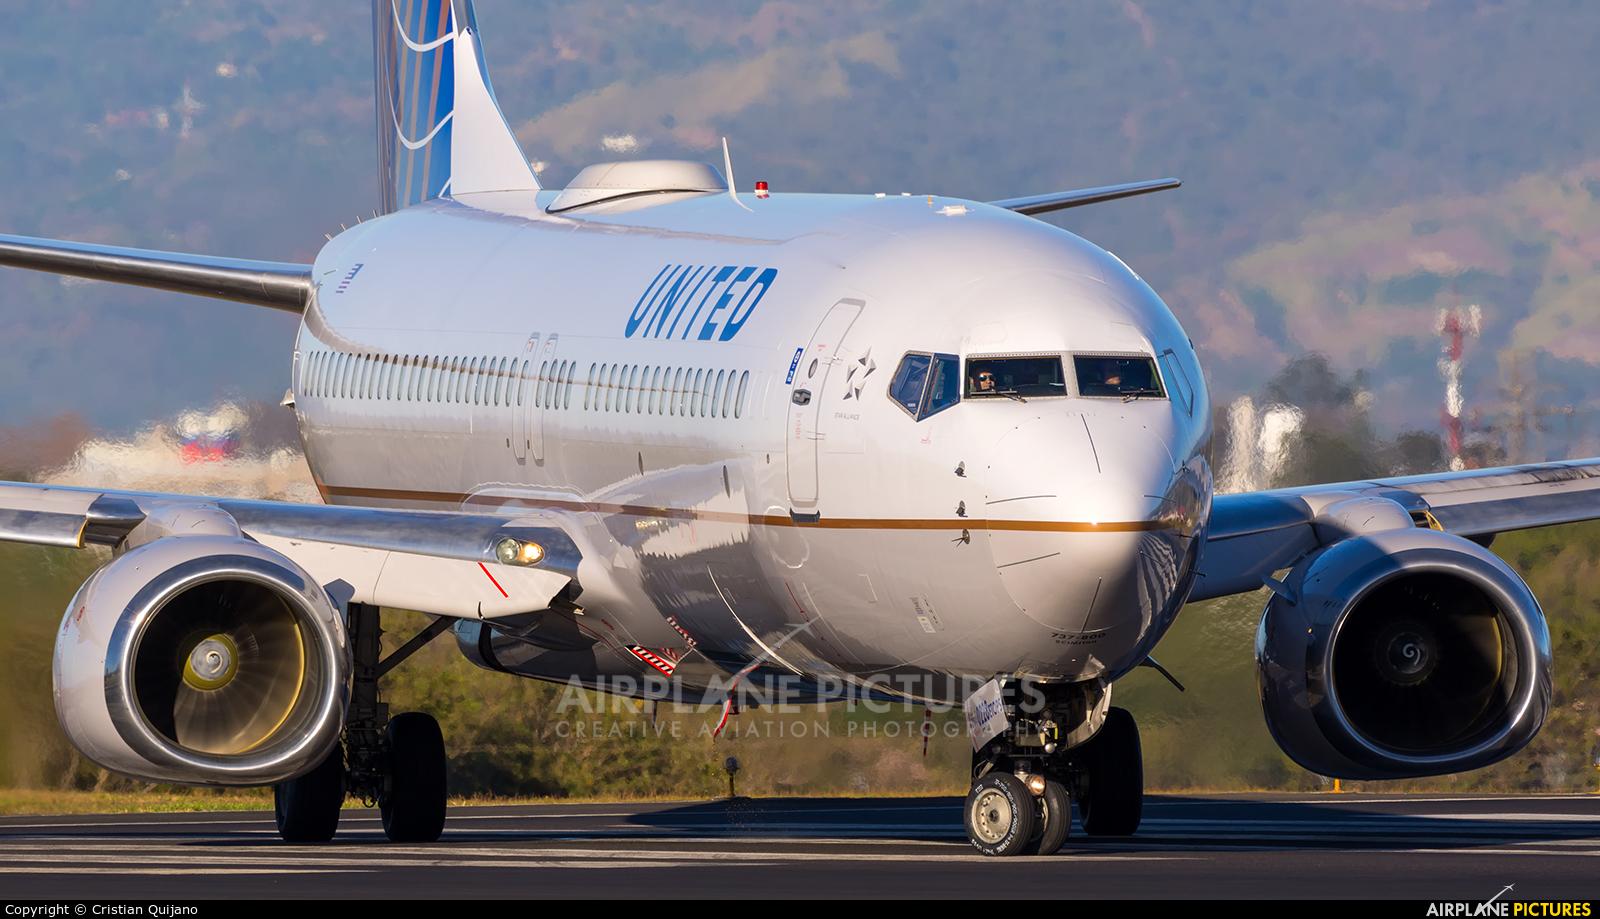 United Airlines N14228 aircraft at San Jose - Juan Santamaría Intl